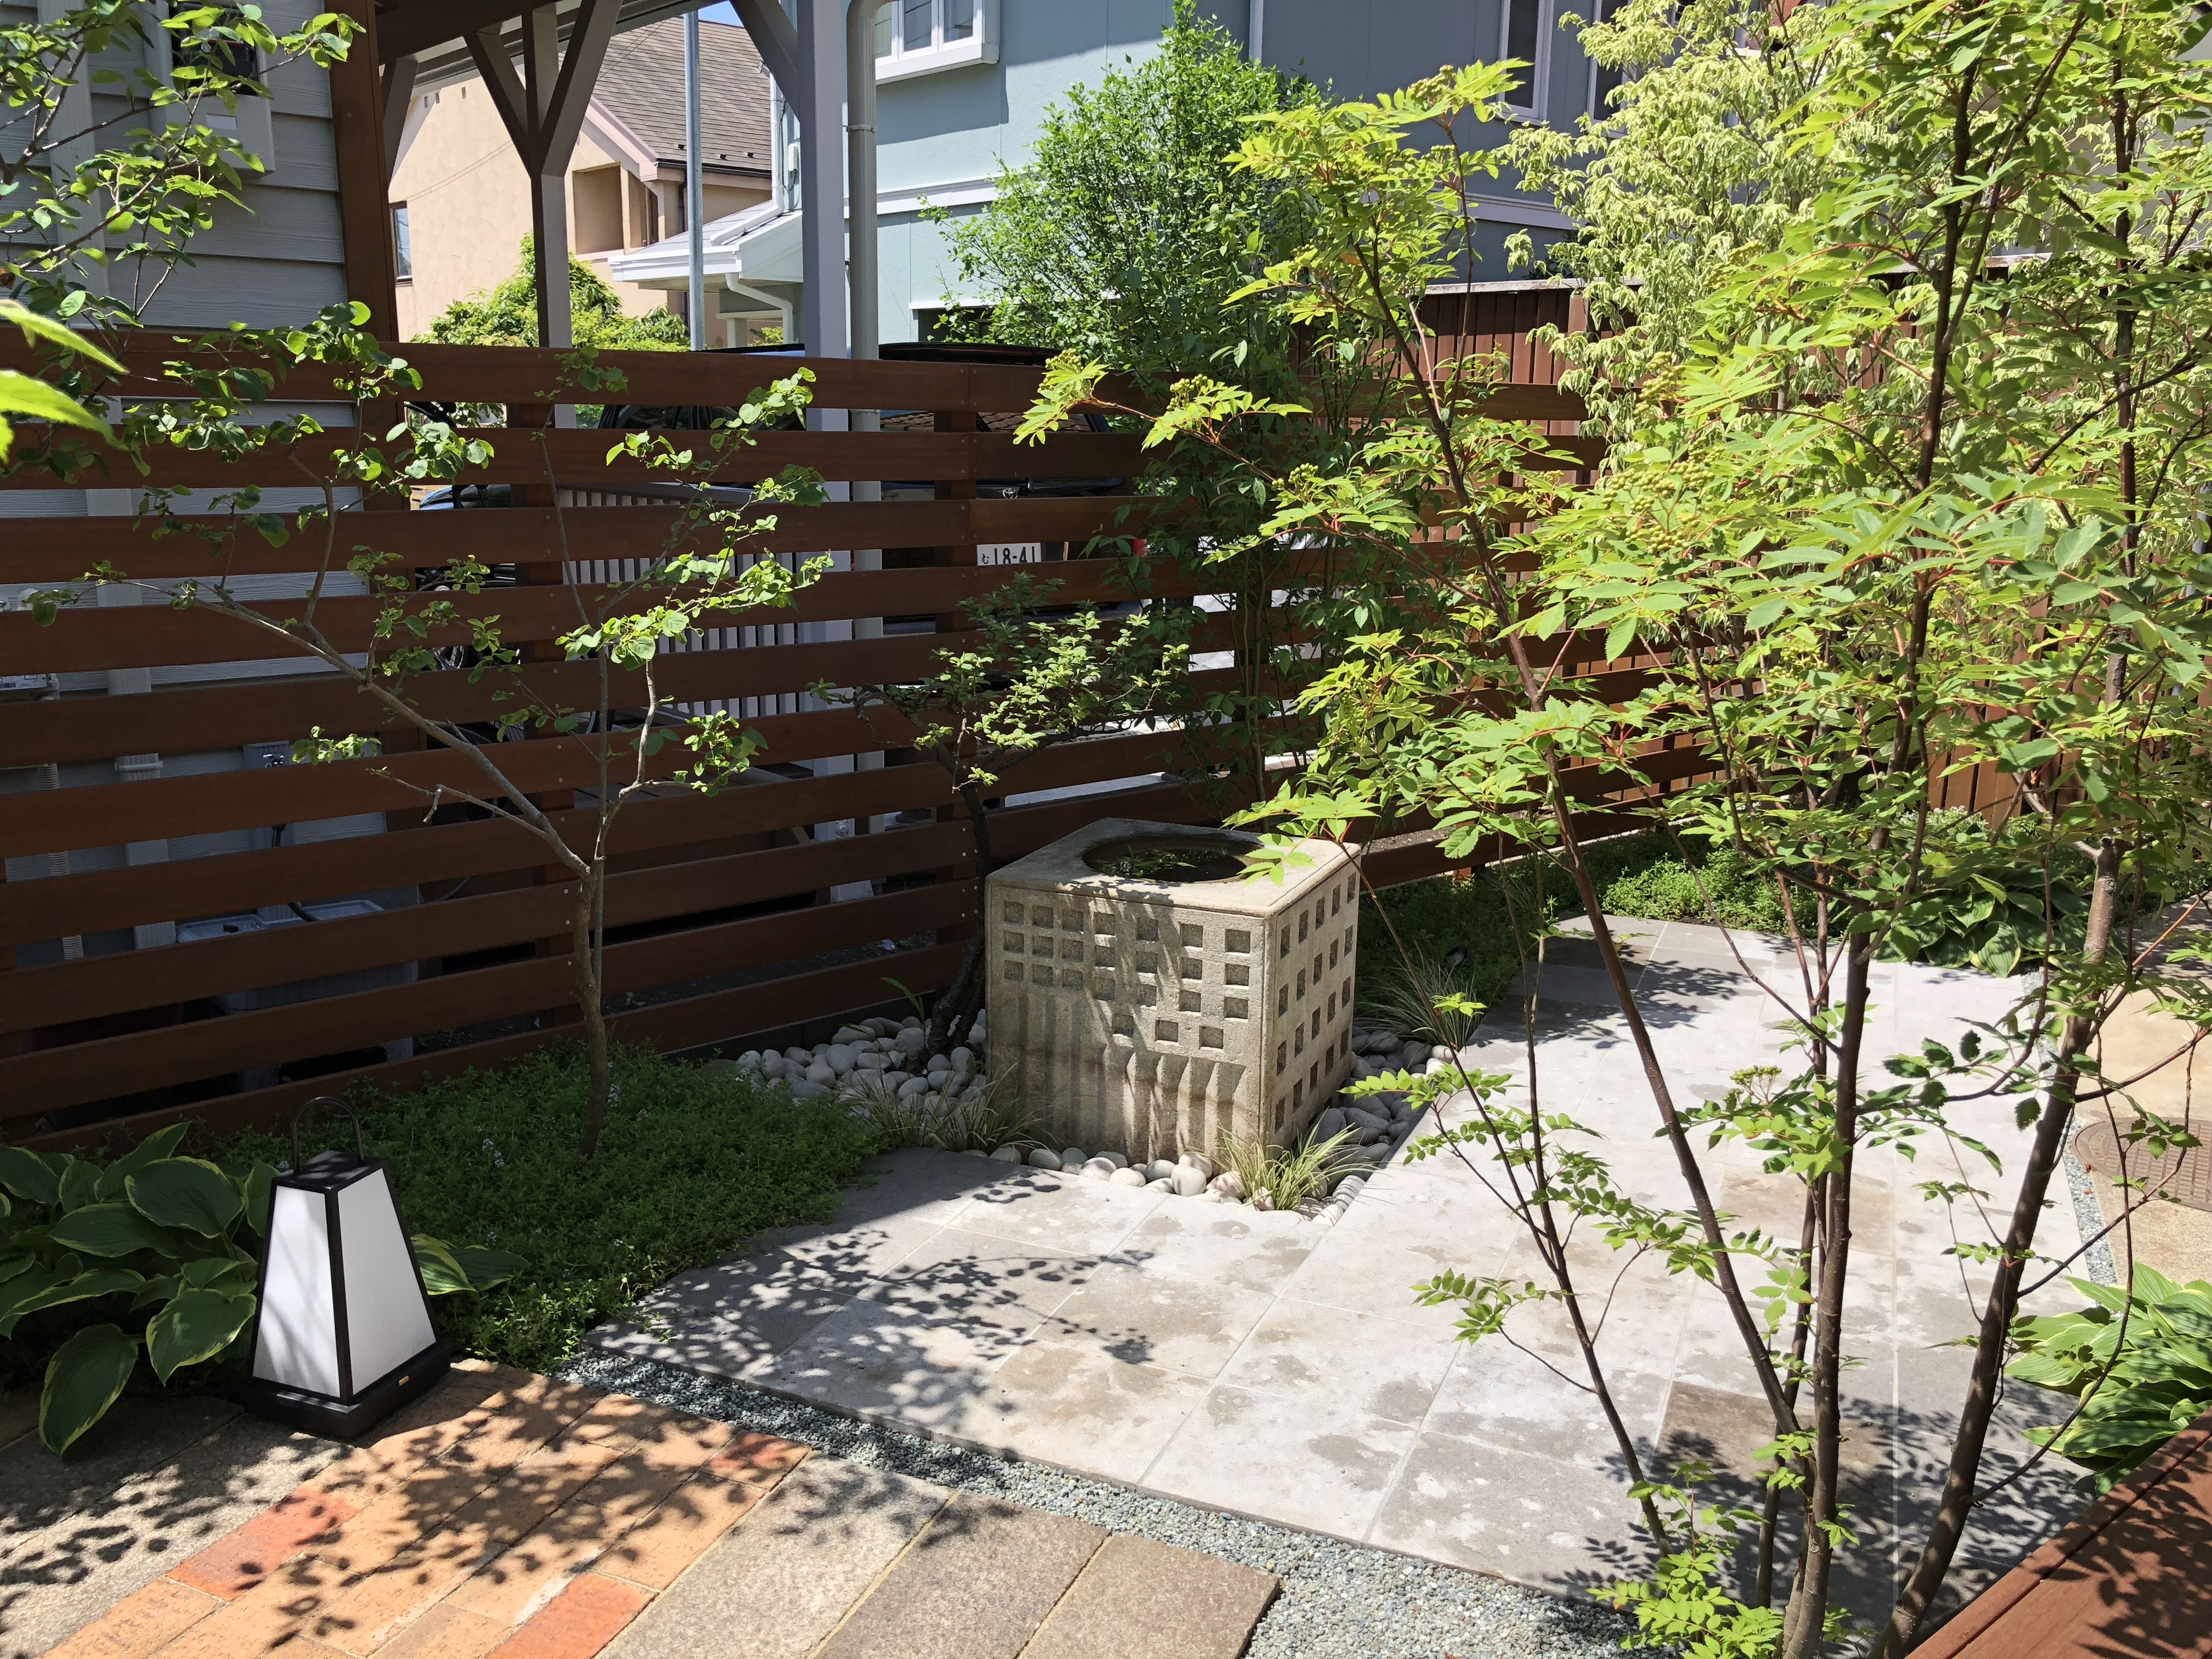 ガーデンリフォーム 雑木を植えて林を作ろう